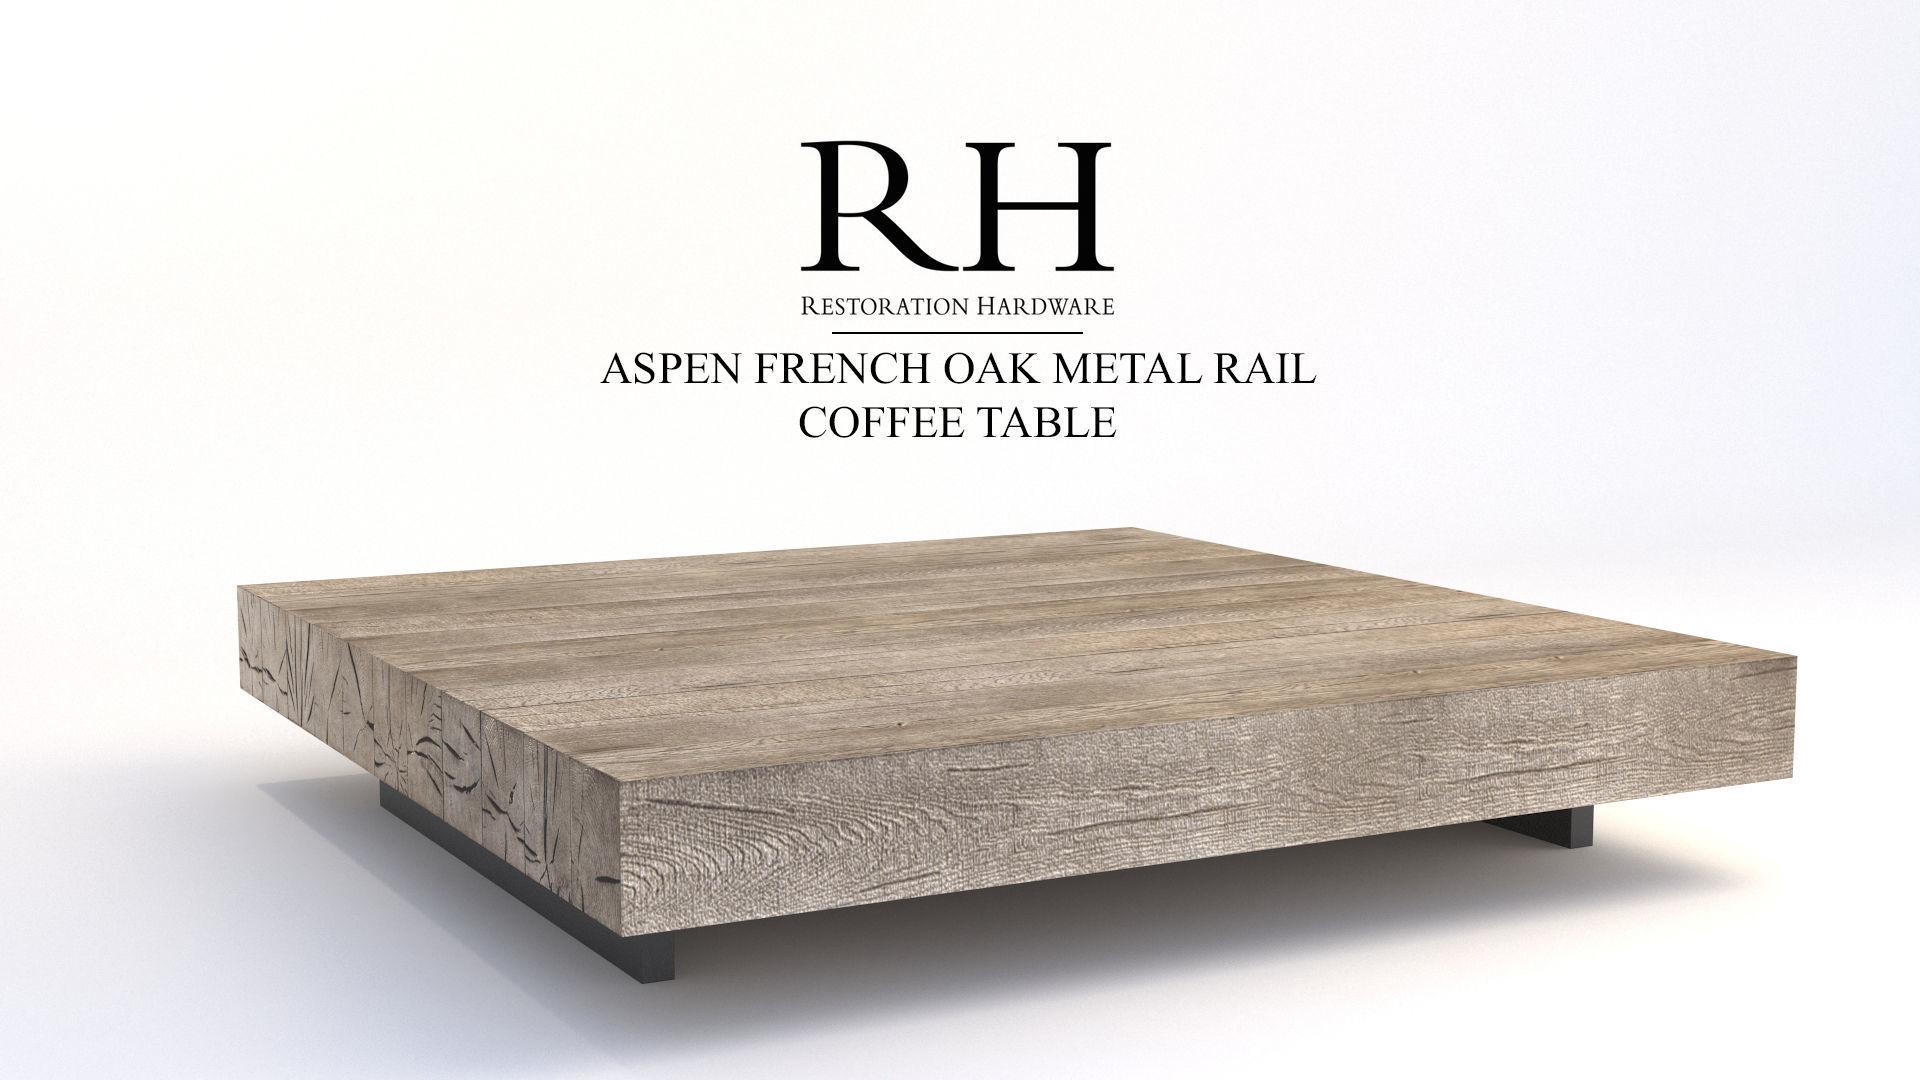 Restoration Hardware Aspen French Oak Metal Rail Coffee Table